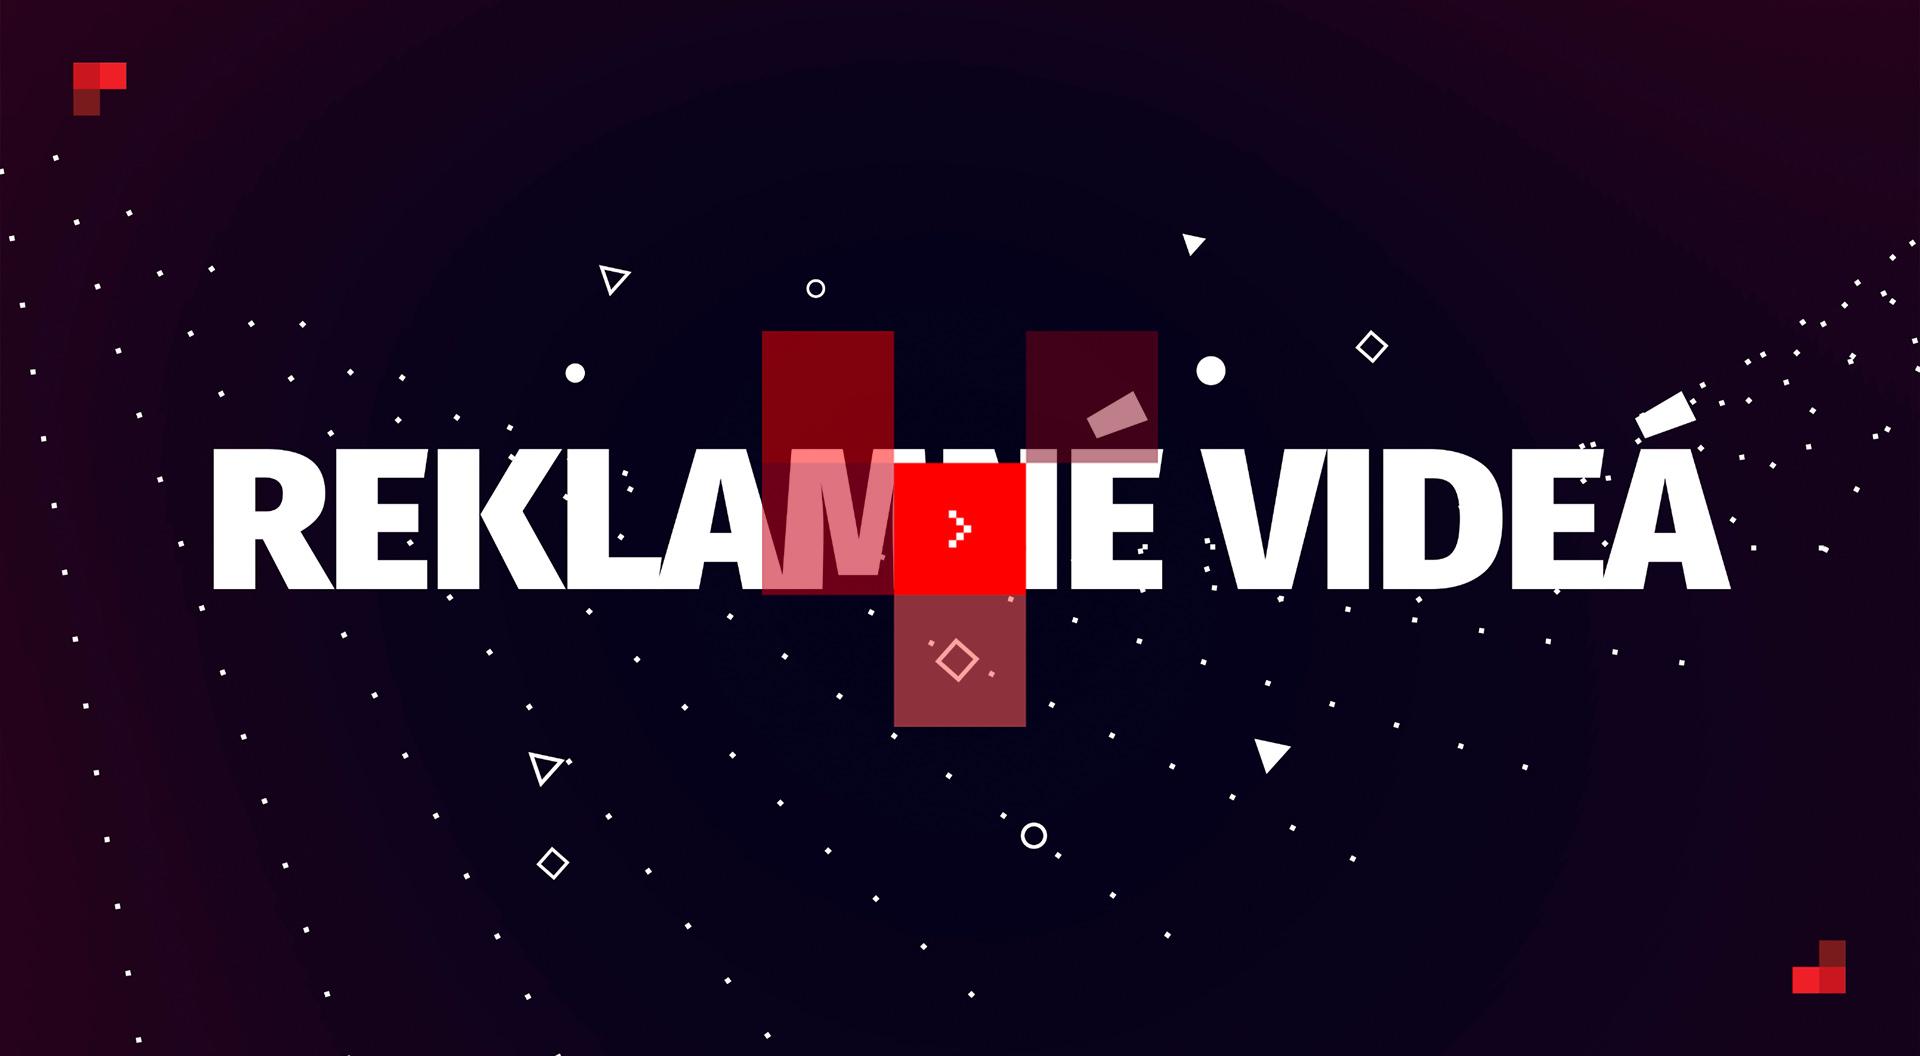 reklamné videá